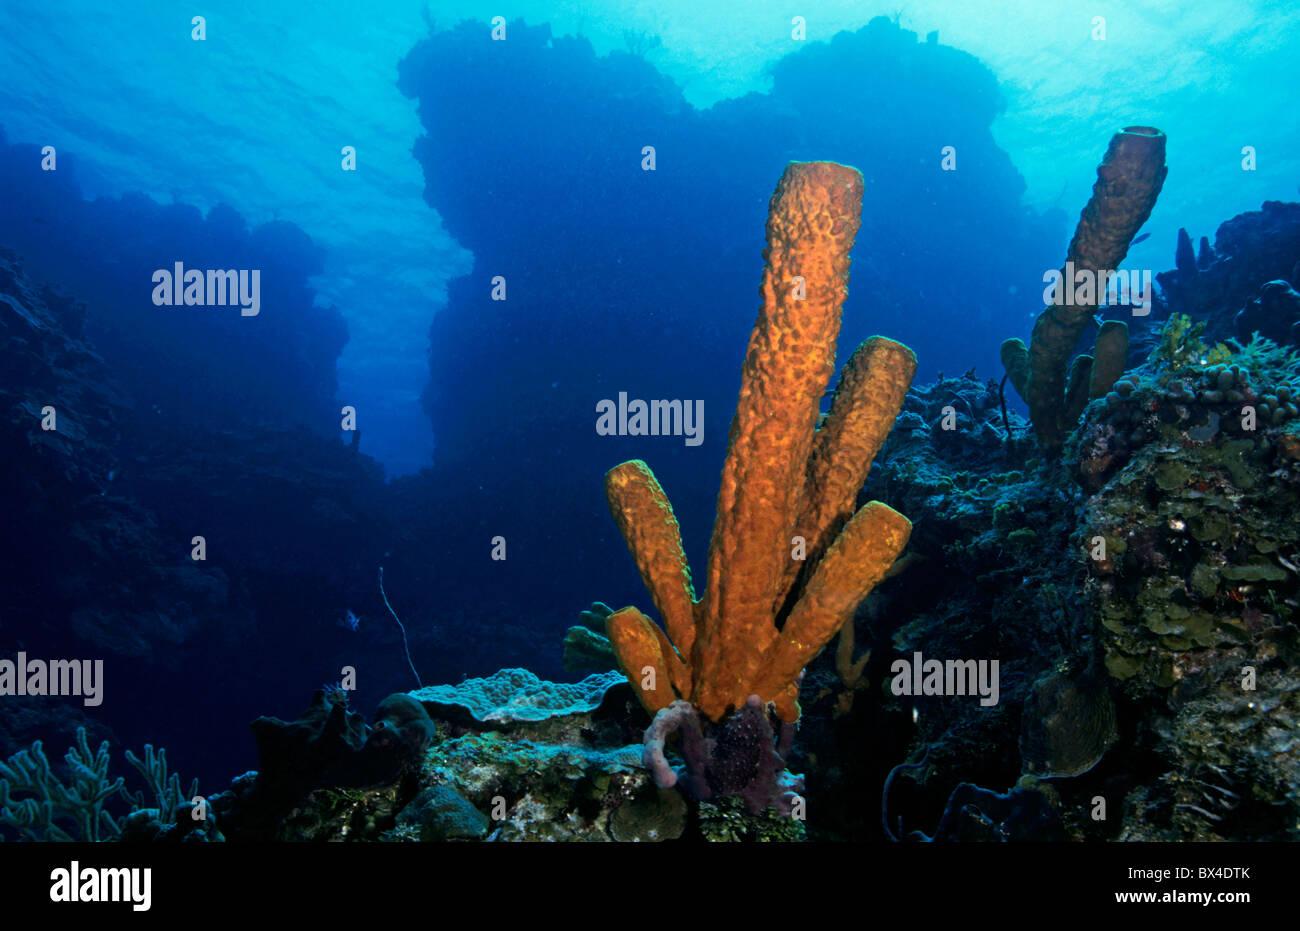 Korallen wachsen auf dem felsigen Palancar Riff, die Insel Cozumel, Mexiko. Stockbild